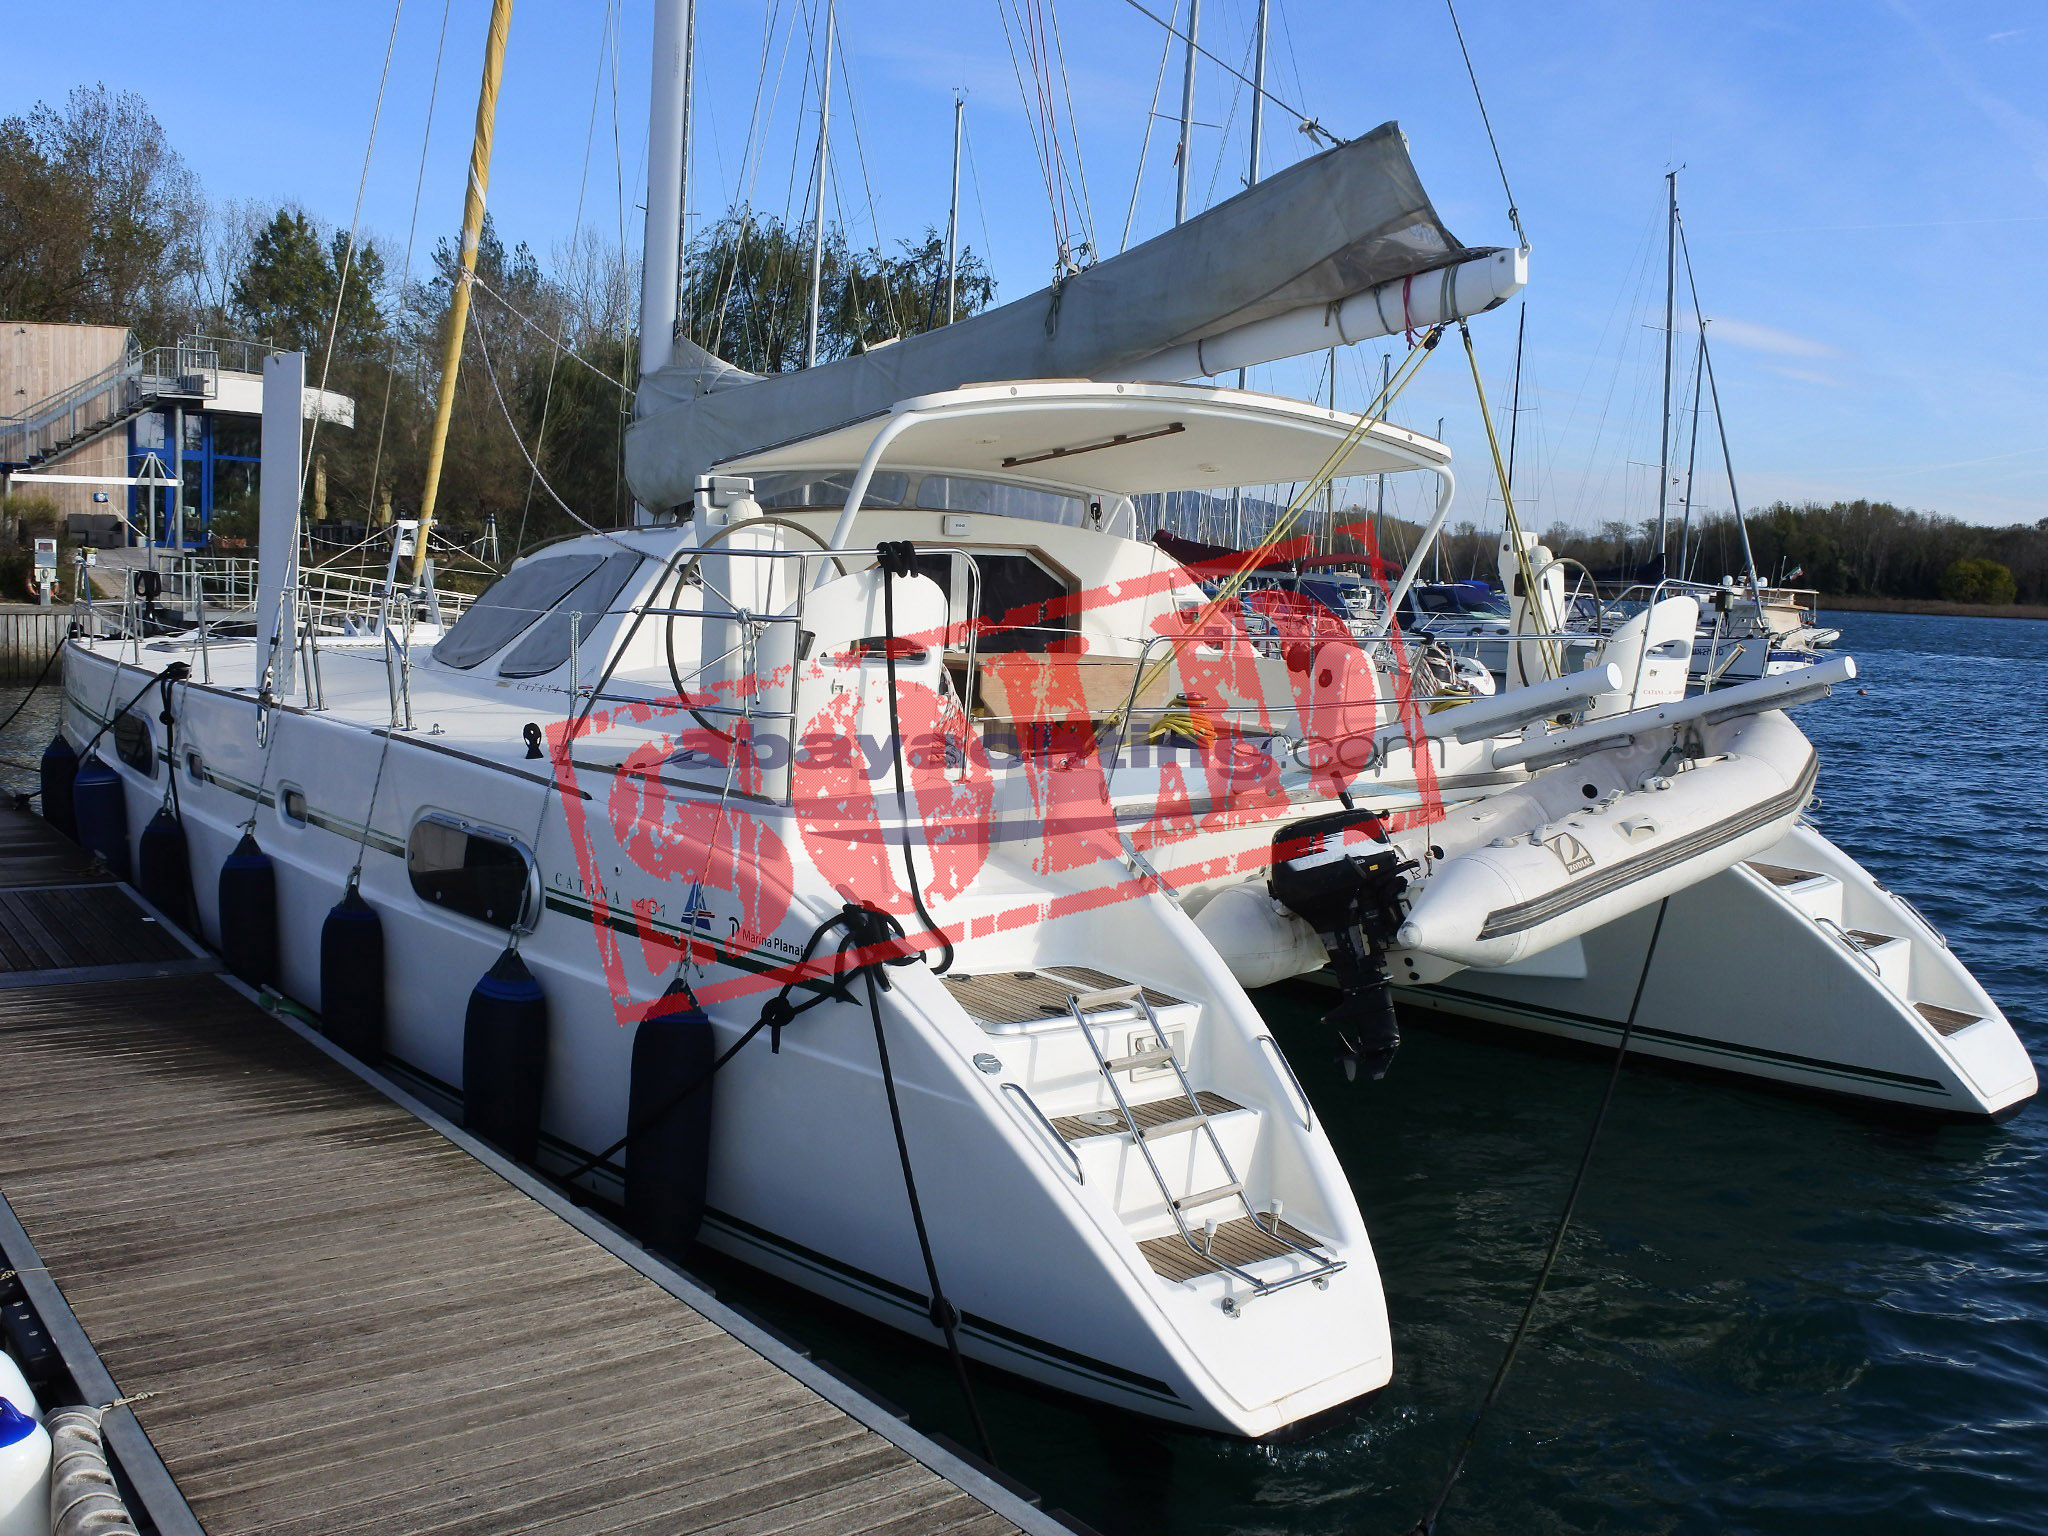 Catana 431 sold